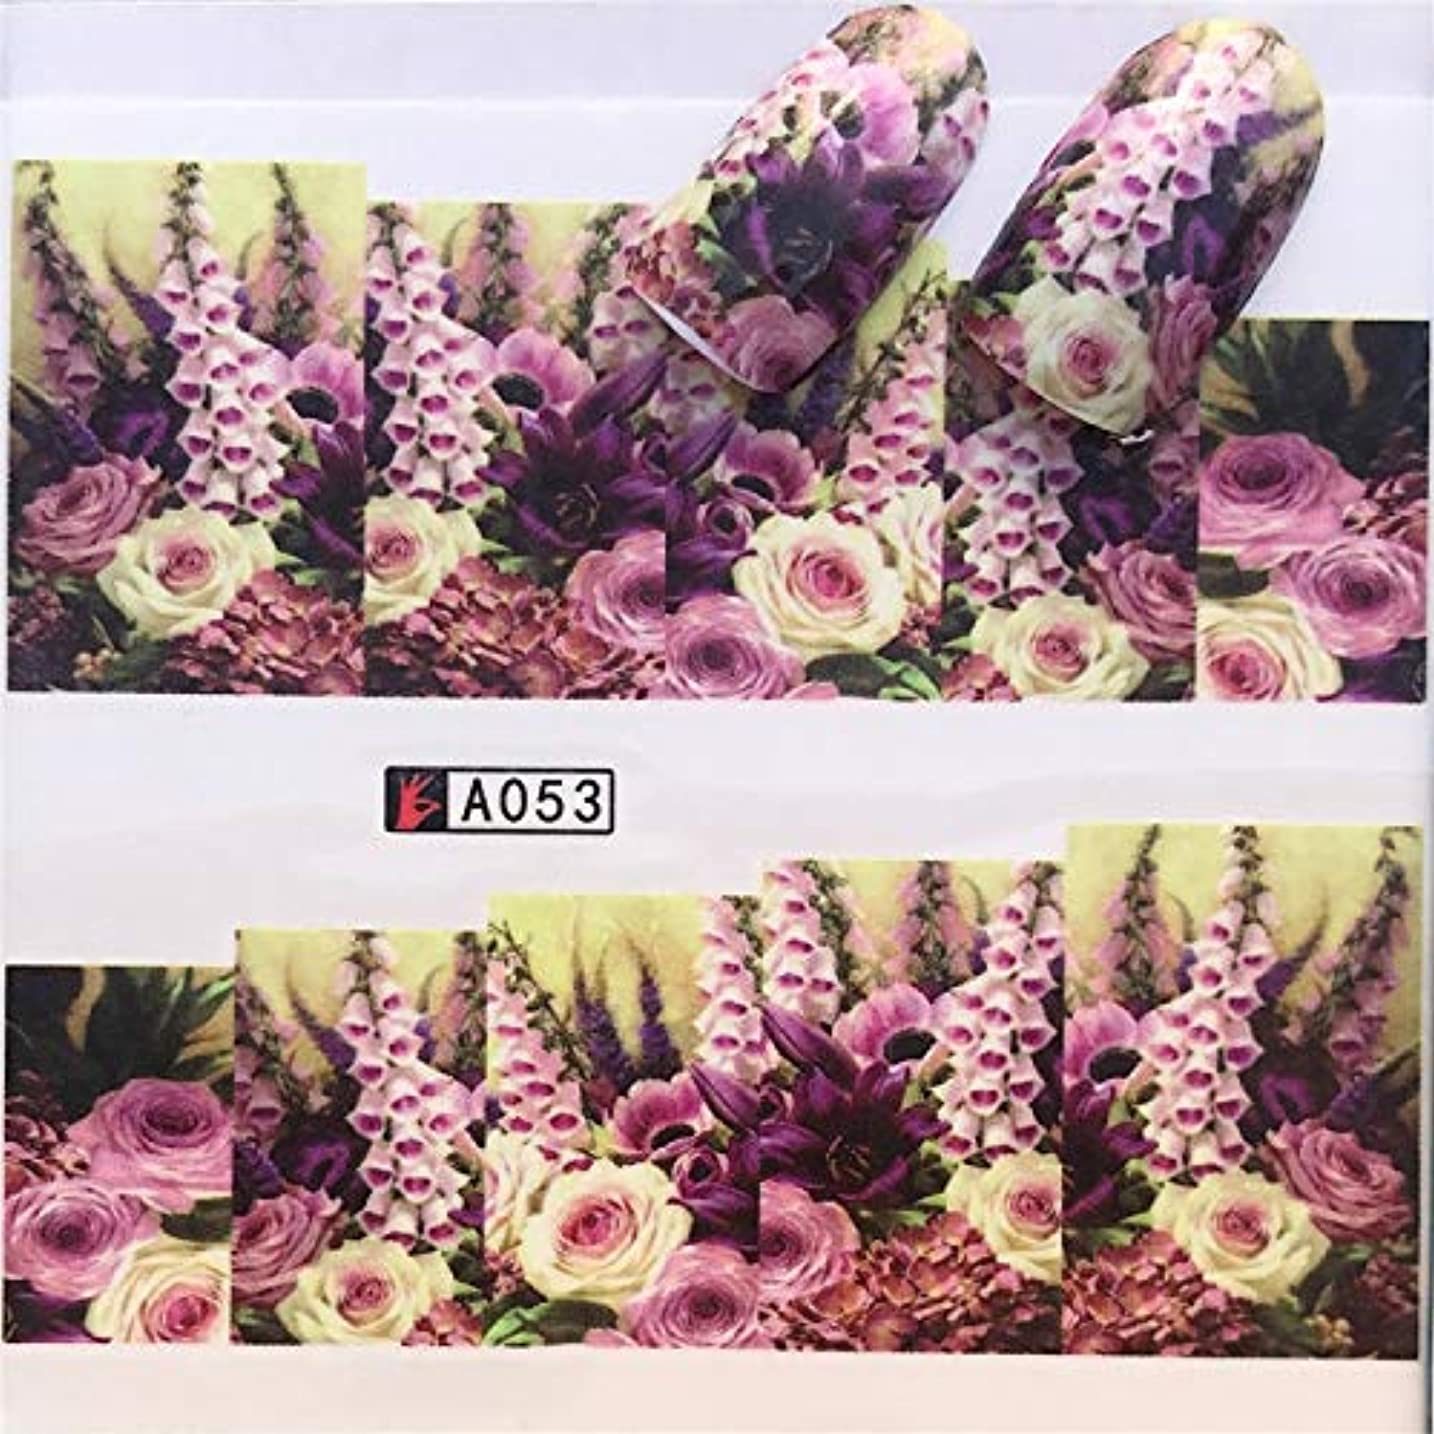 ママドール豚肉手足ビューティーケア 3個ネイルステッカーセットデカール水転写スライダーネイルアートデコレーション、色:YZWA053